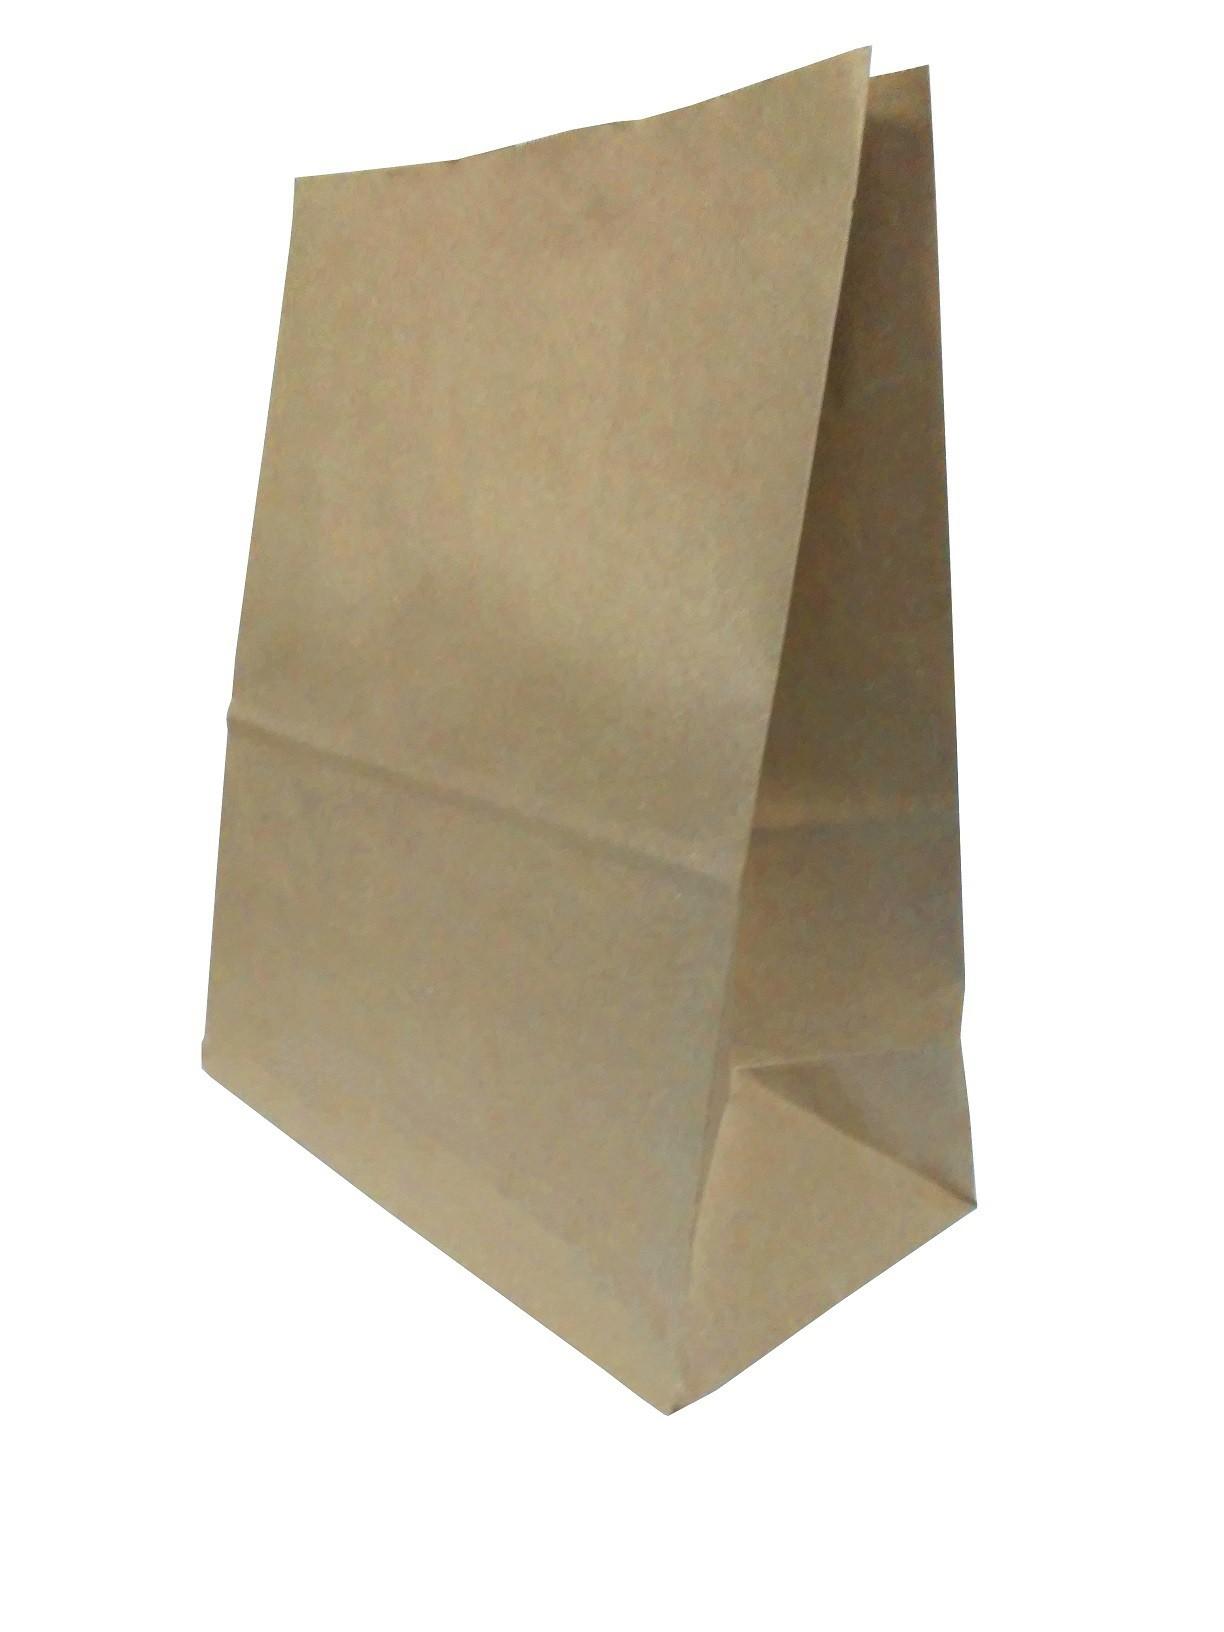 Saco Kraft Delivery - Kits 3 Tamanhos Pequeno, Médio e Grande